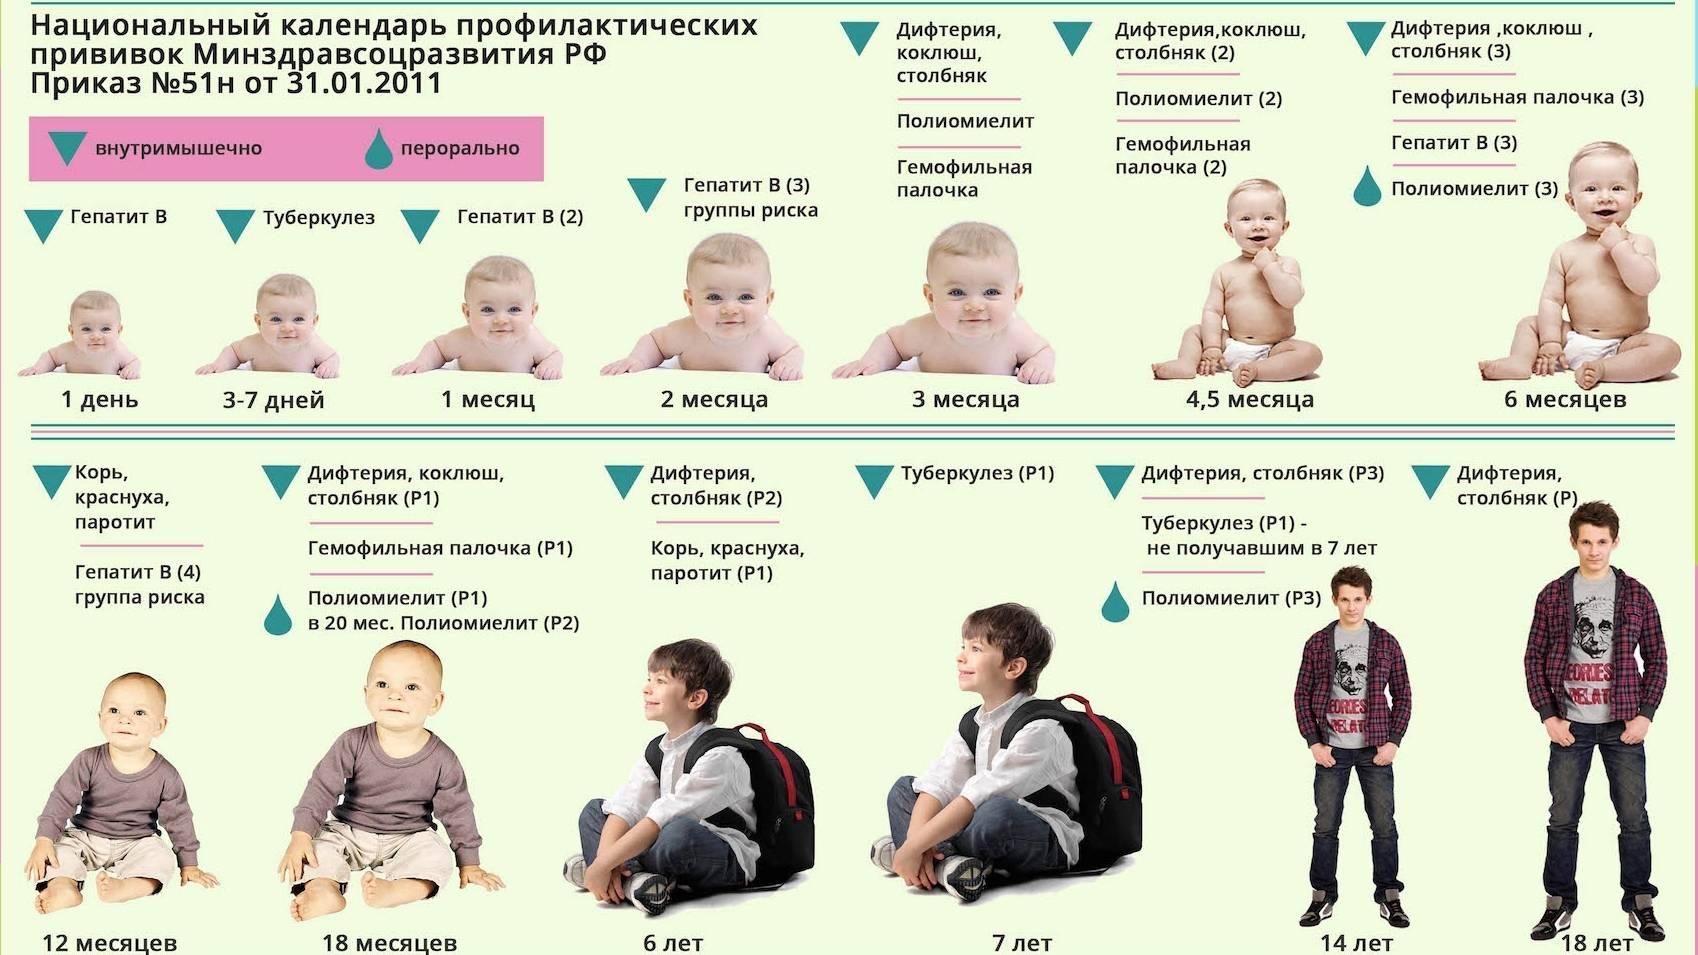 Нужна ли вакцинация от ветрянки детям